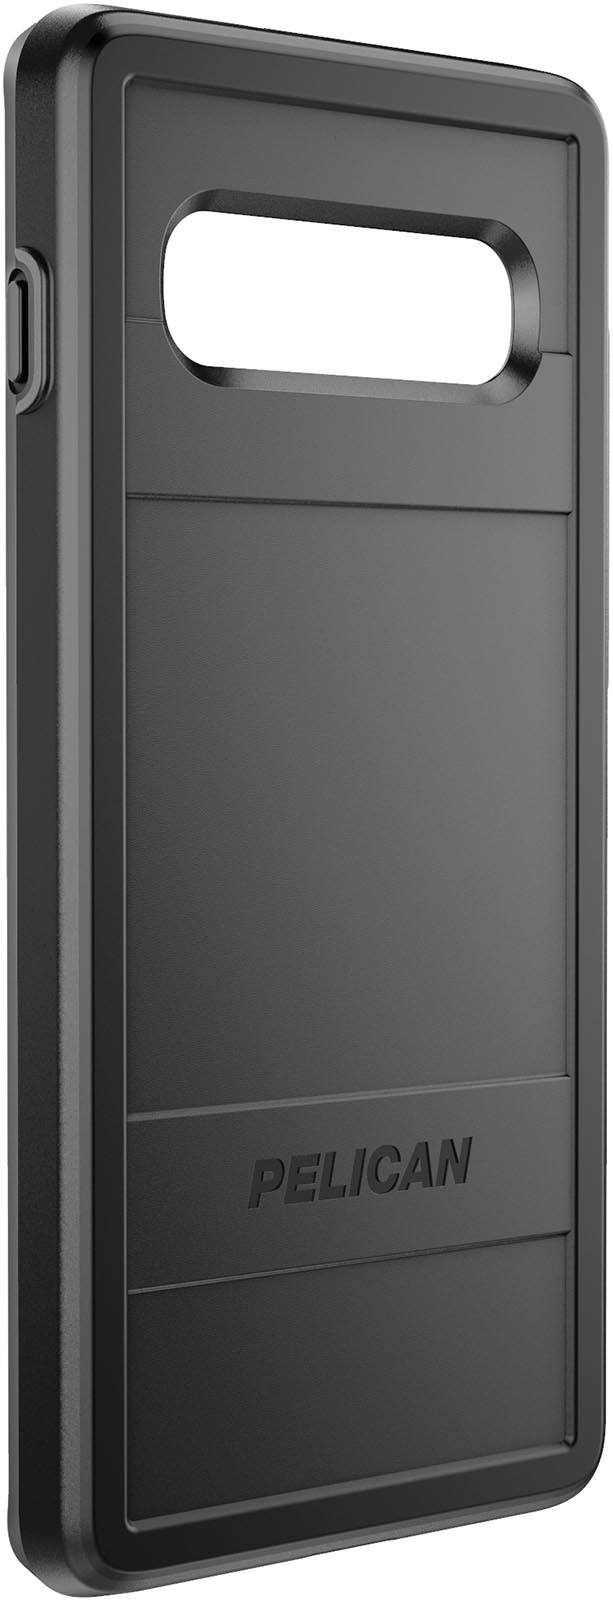 pelican samsung galaxy s10 black phone case